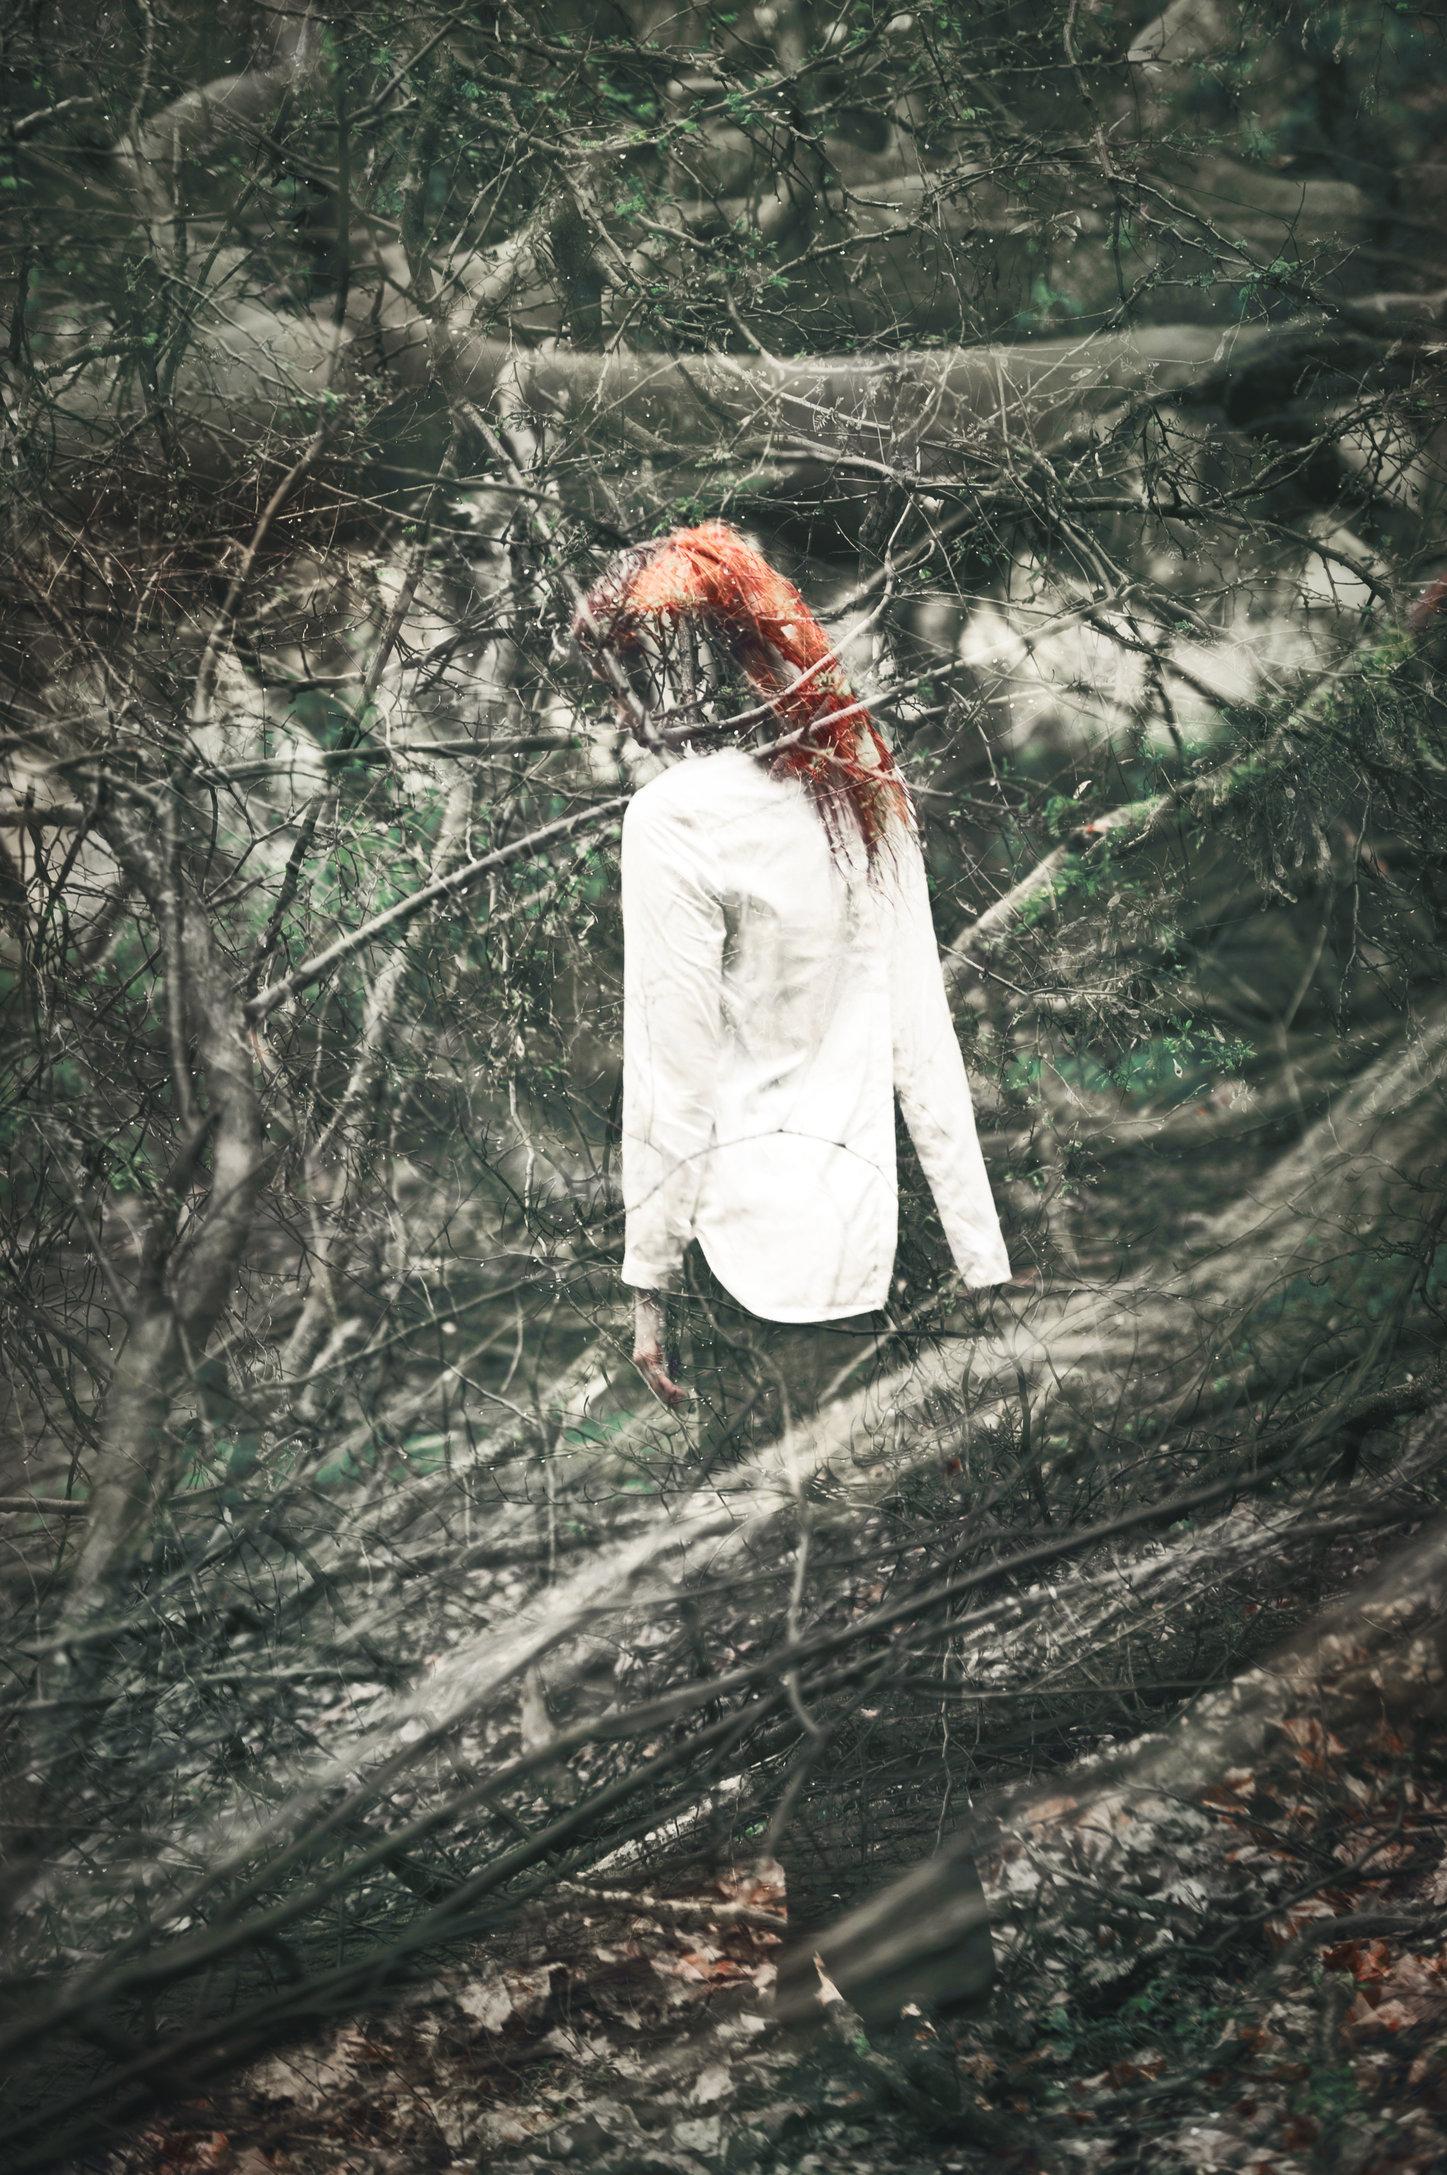 KarolinaAmberville_Exorcist_3a.jpg